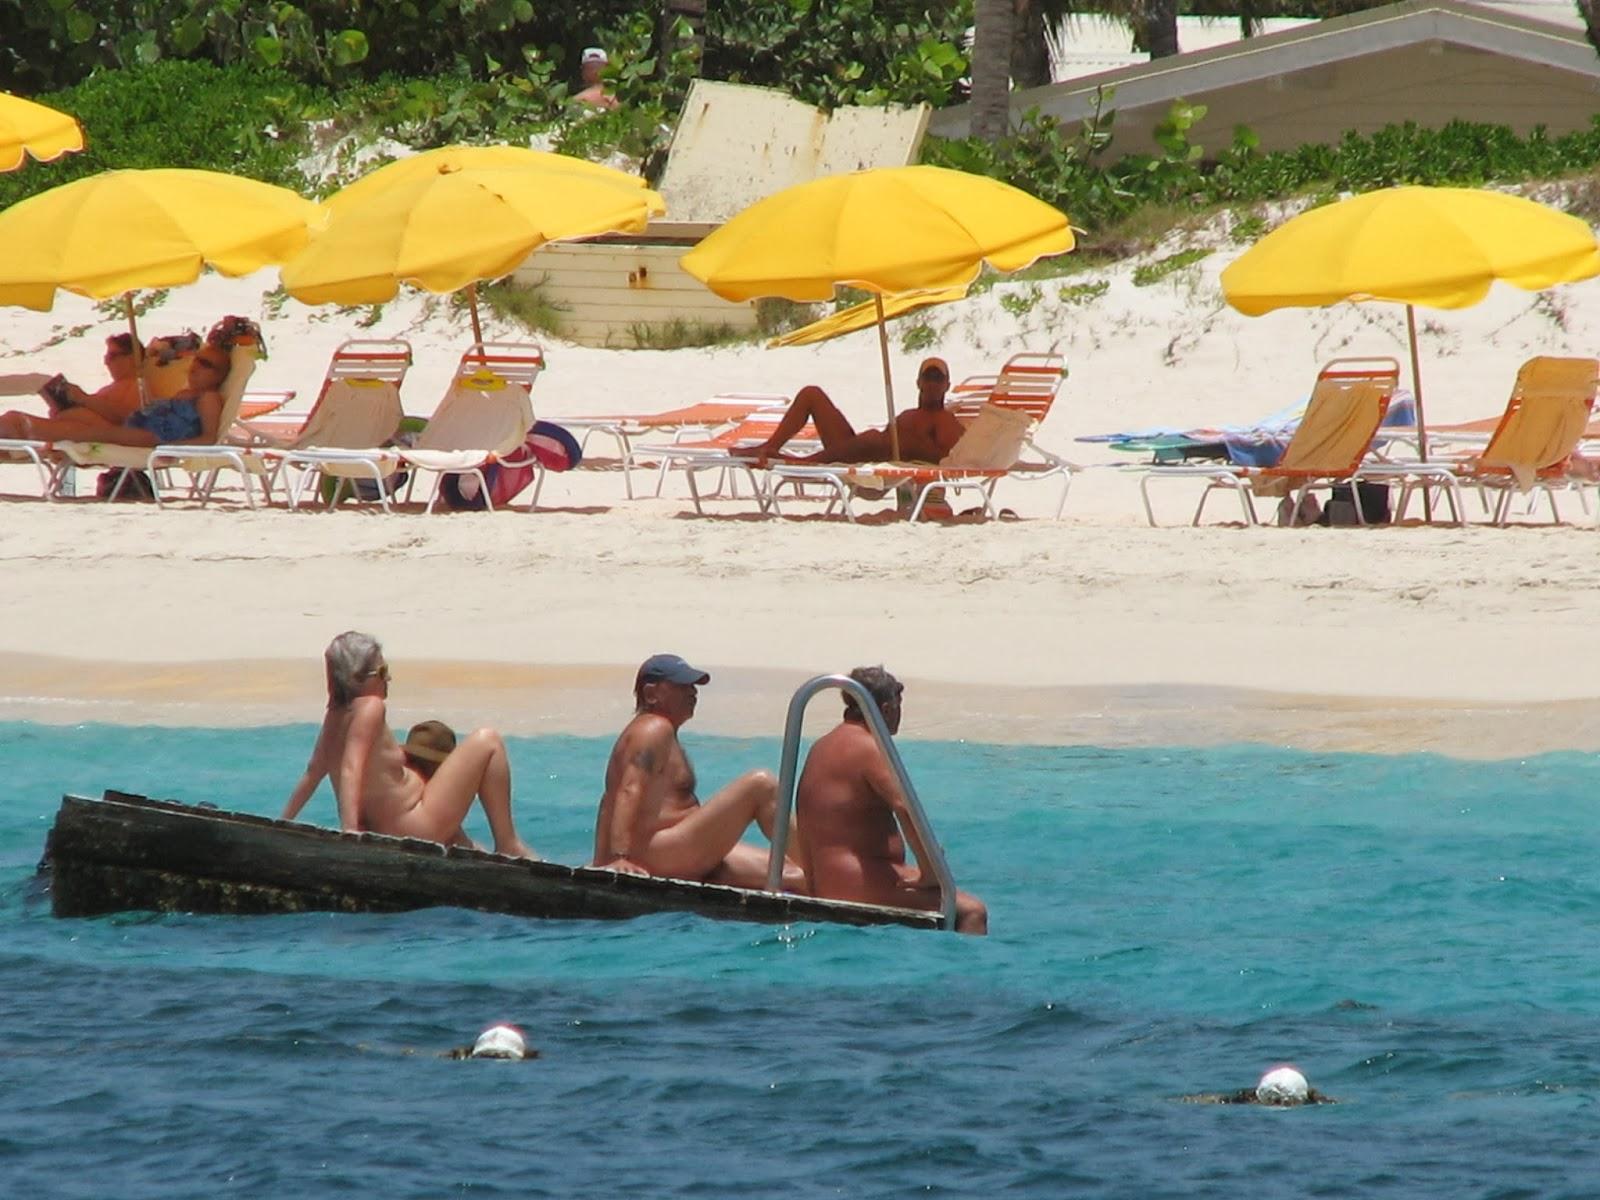 St Maarten, SXM - Orient Beach (Nudist Beach) - CARIBBEAN